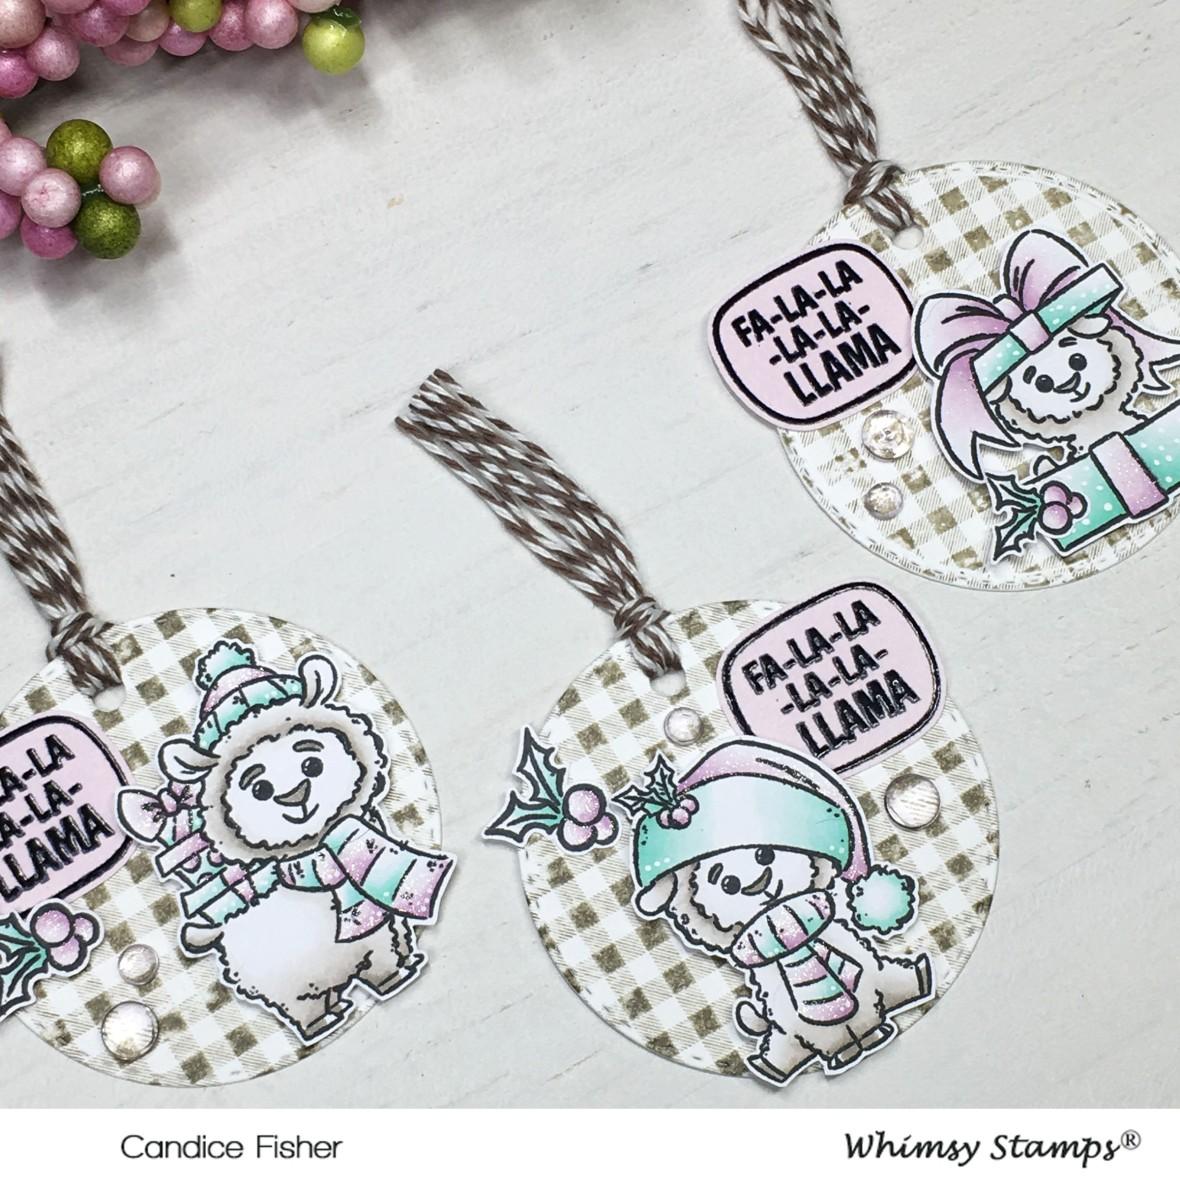 0928-llama tags close up